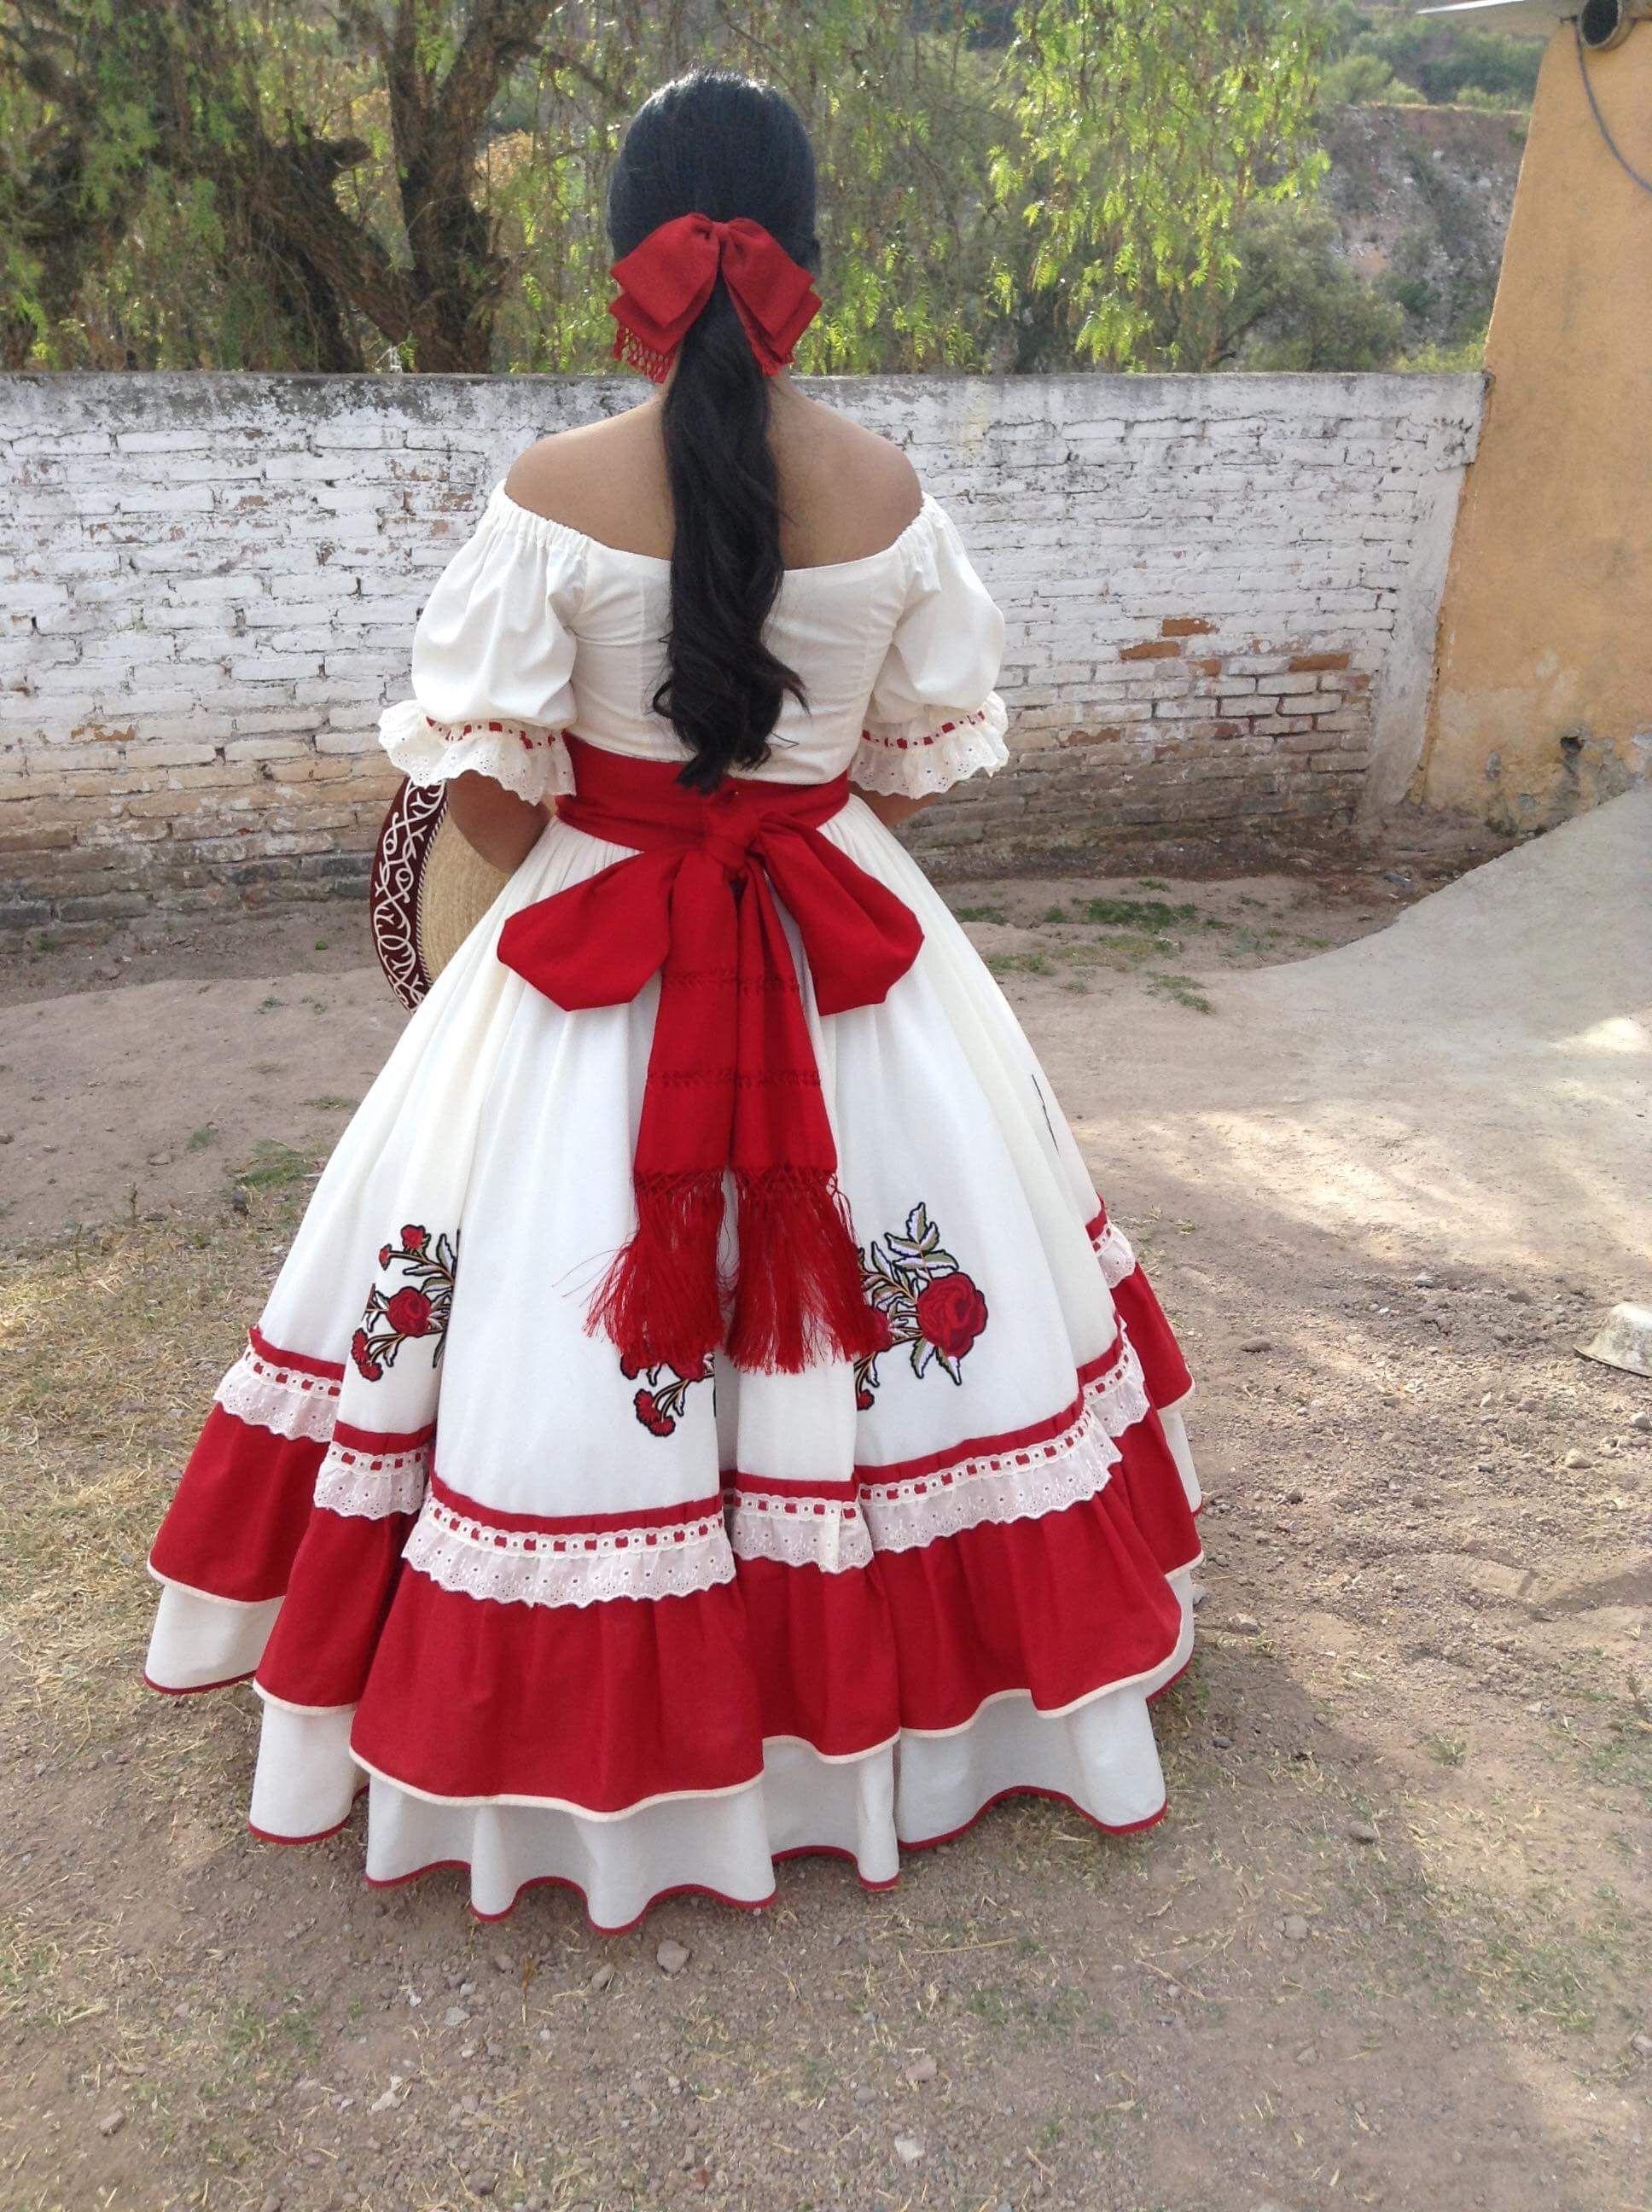 Vestido Mexicano Vestido Folclórico Vestido Regional